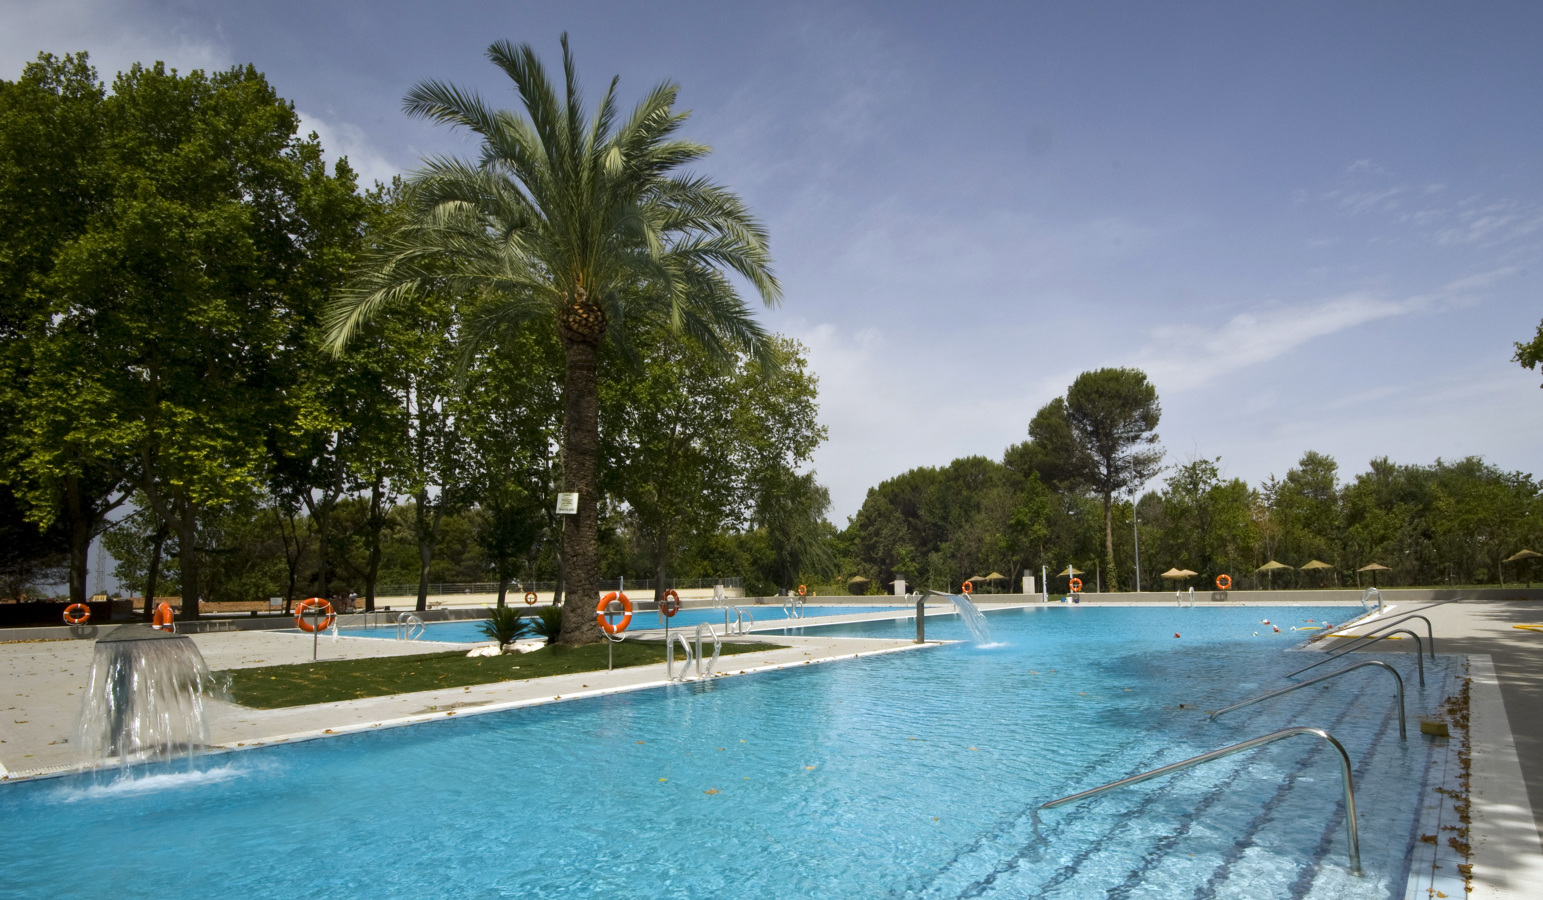 foto piscina municipal montilla c rdoba de aryon